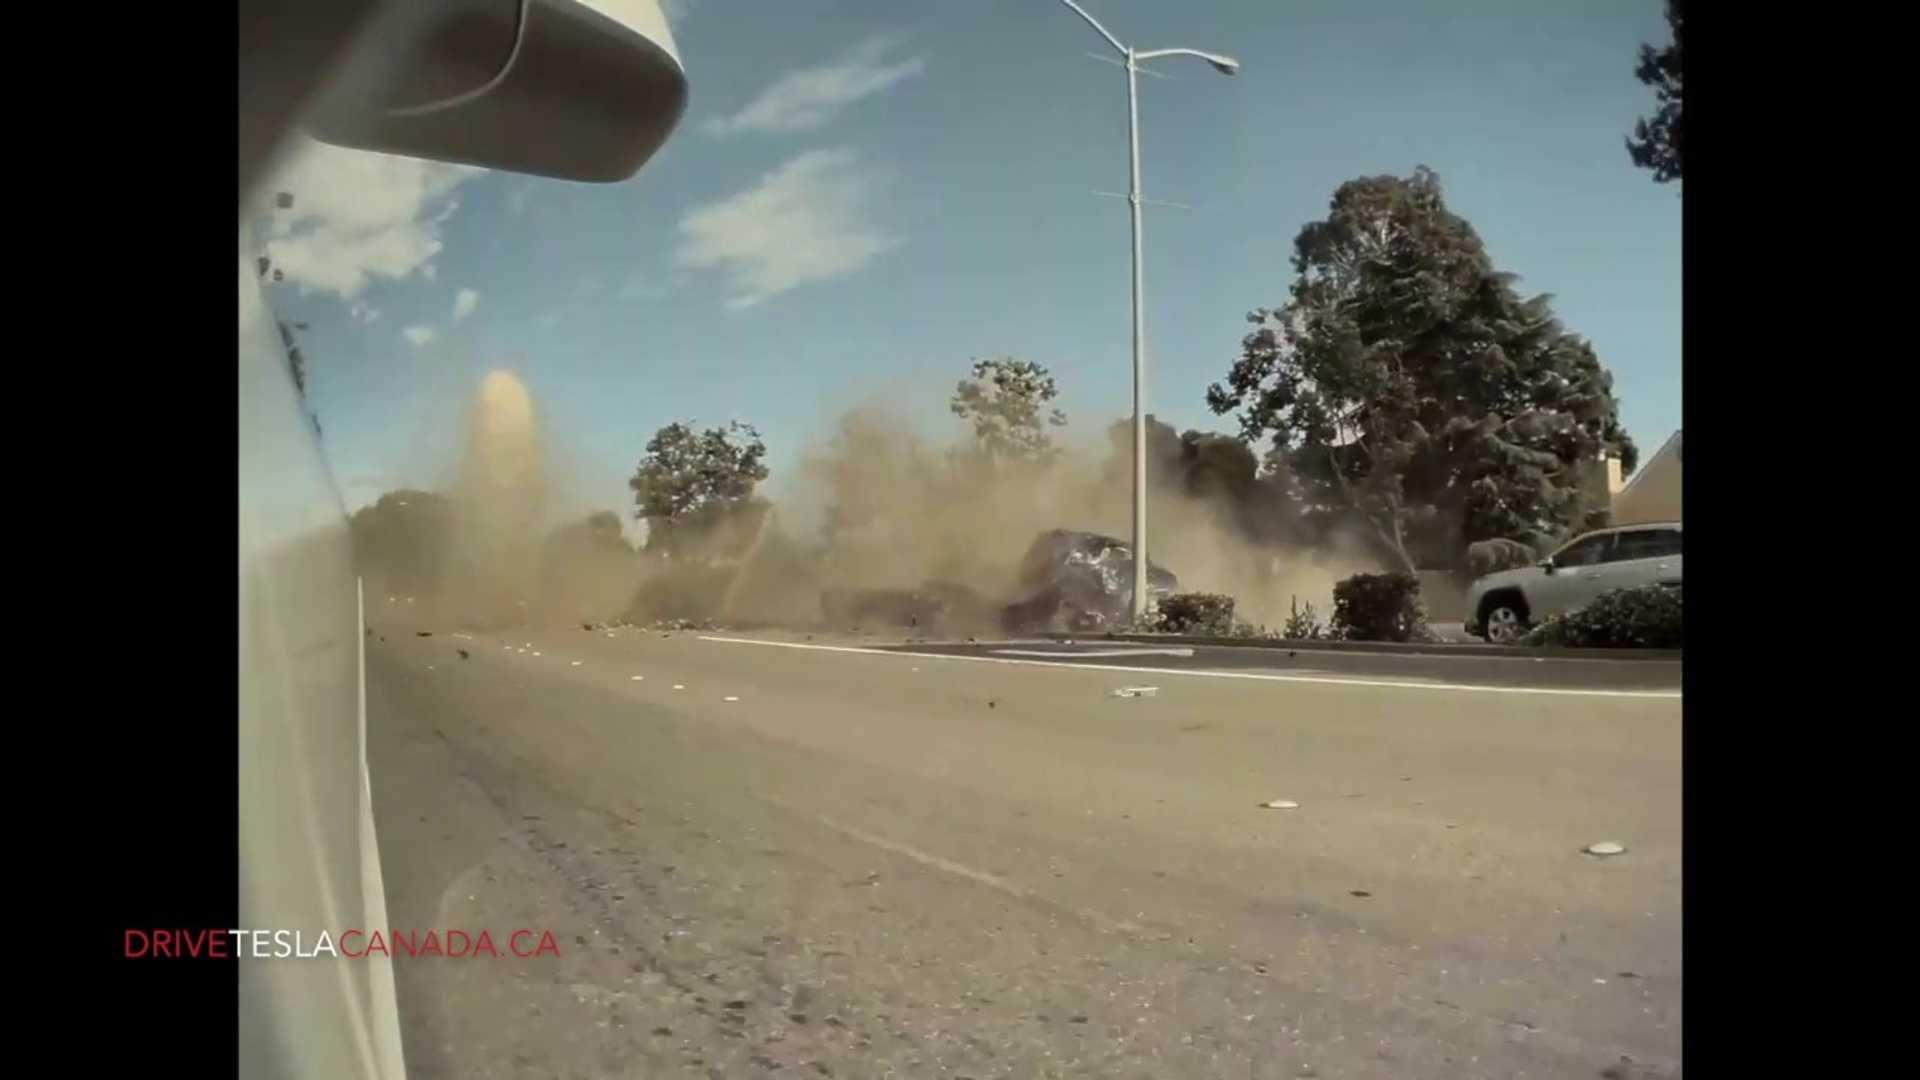 Приборная панель Tesla Model 3 ловит ужасную аварию, вызванную яростью на дороге